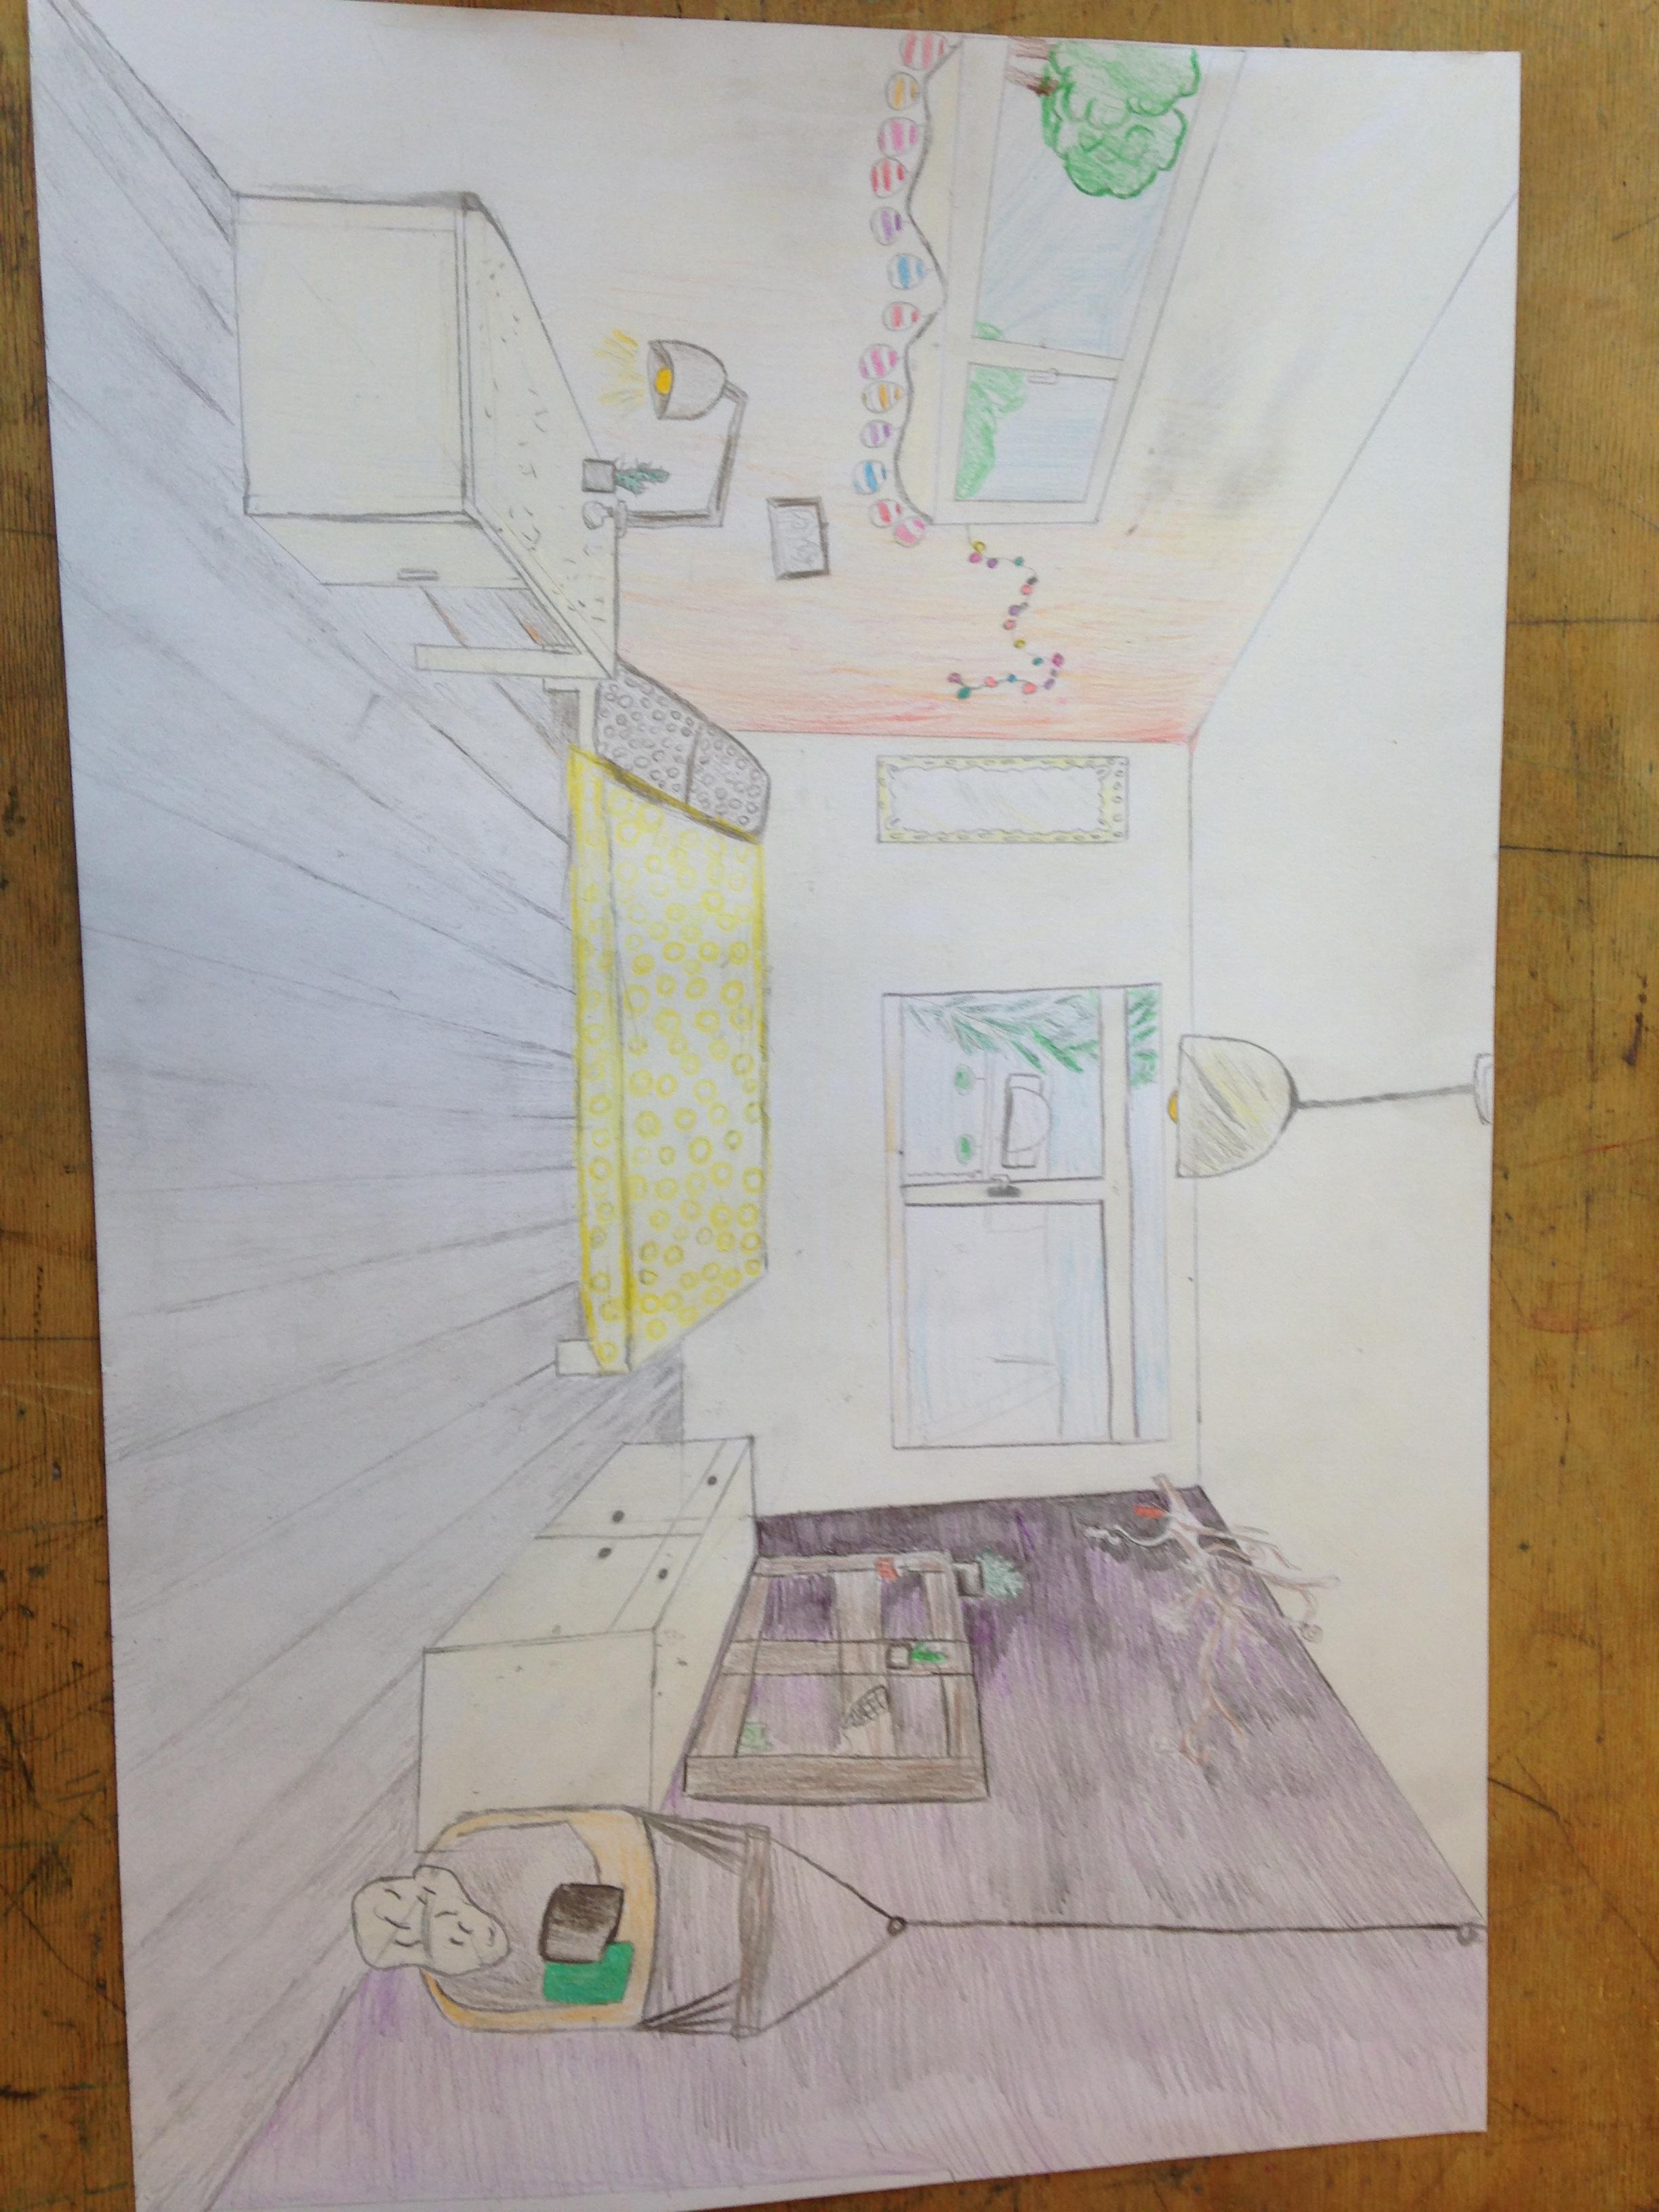 Slaapkamer in pespectief tekenen  driemaalkunstameliedekkerx